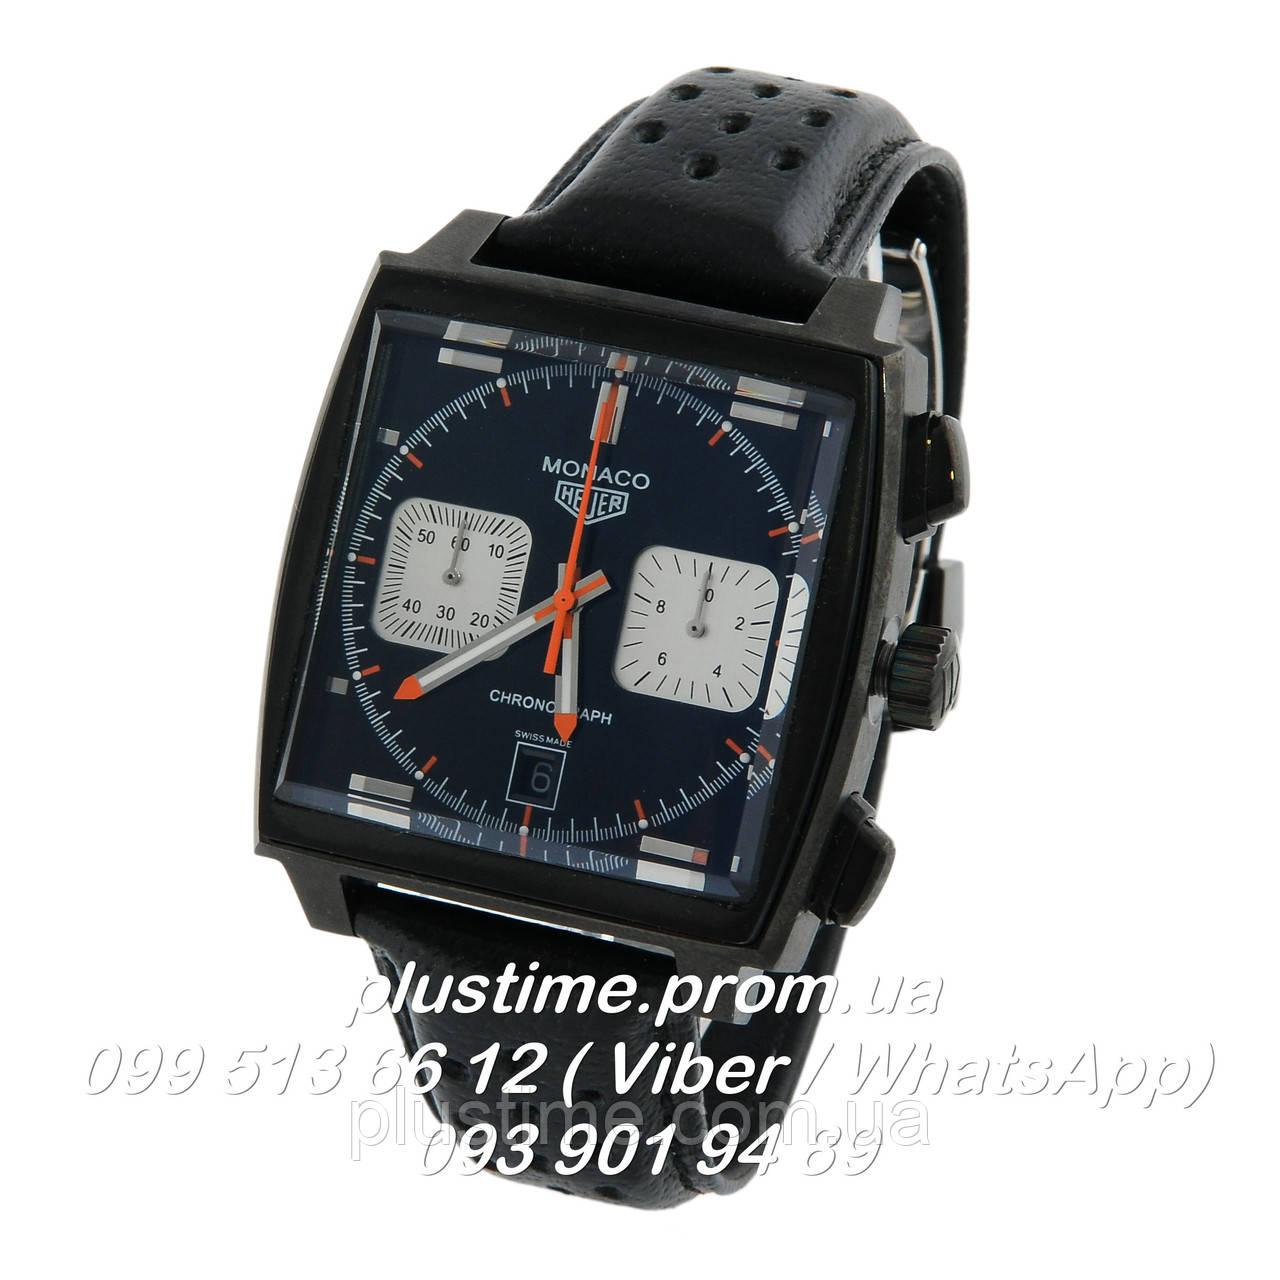 Tag Heuer monaco 24 наручные мужские часы хронограф  продажа, цена в  Полтаве. наручные часы Механические часы копии, мужские классические часы,  купить часы ... f5953f59687